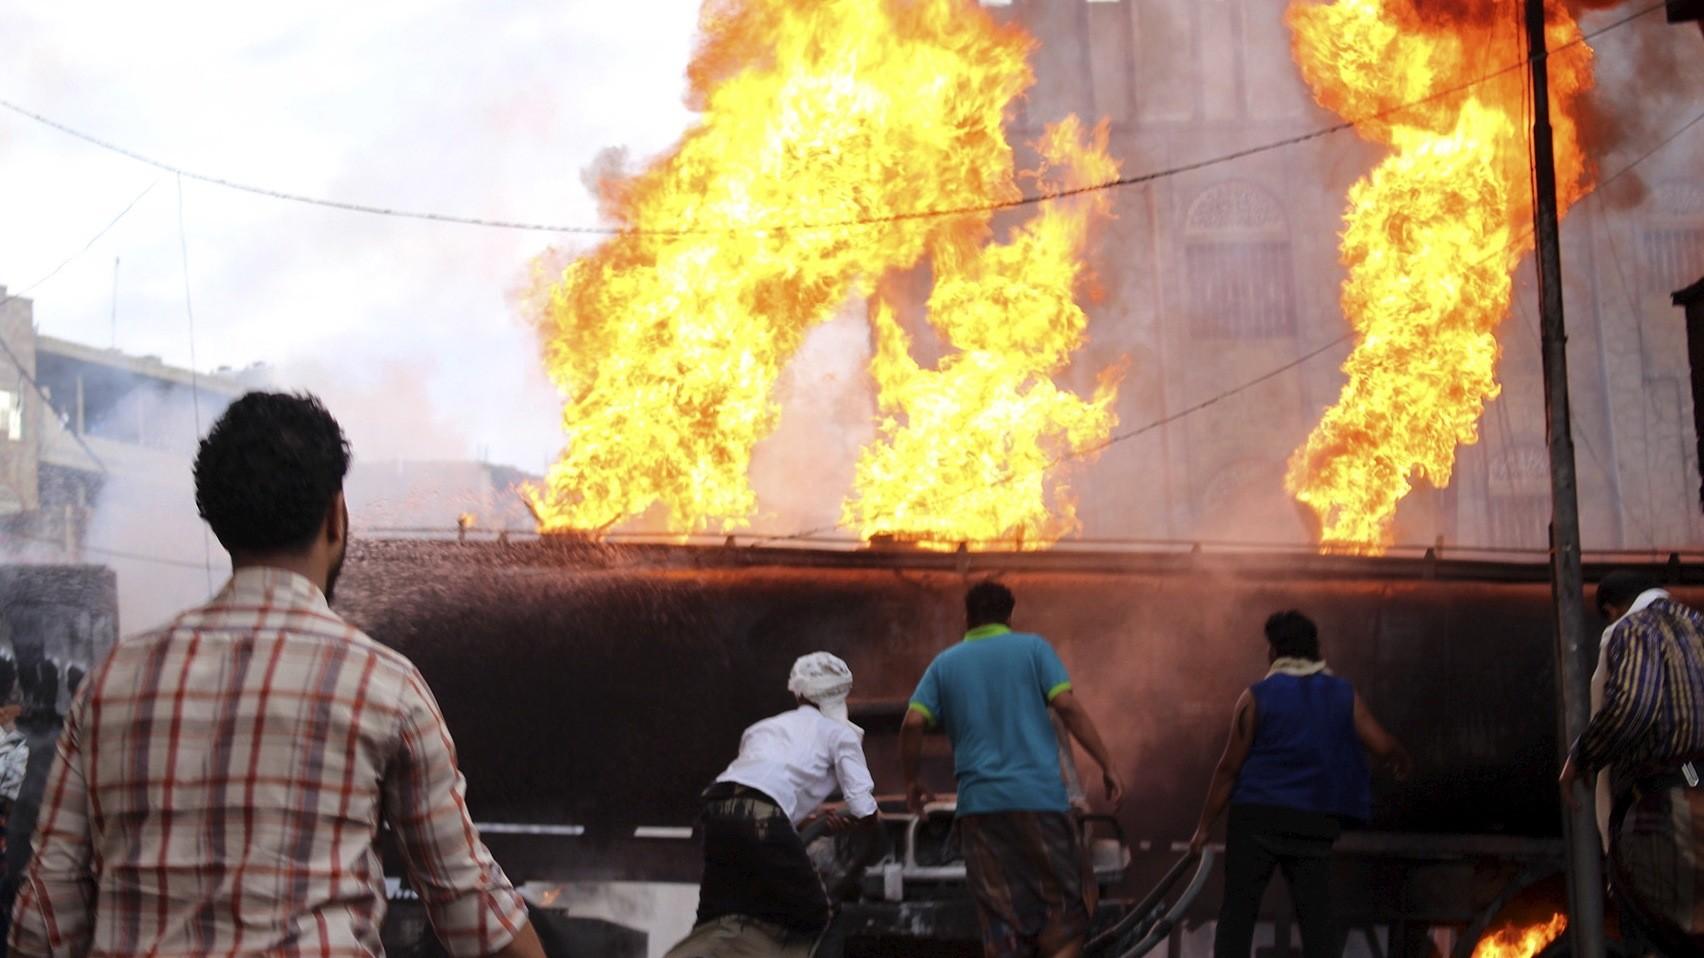 Des personnes tentent de s'échapper d'un camion-citerne en flammes